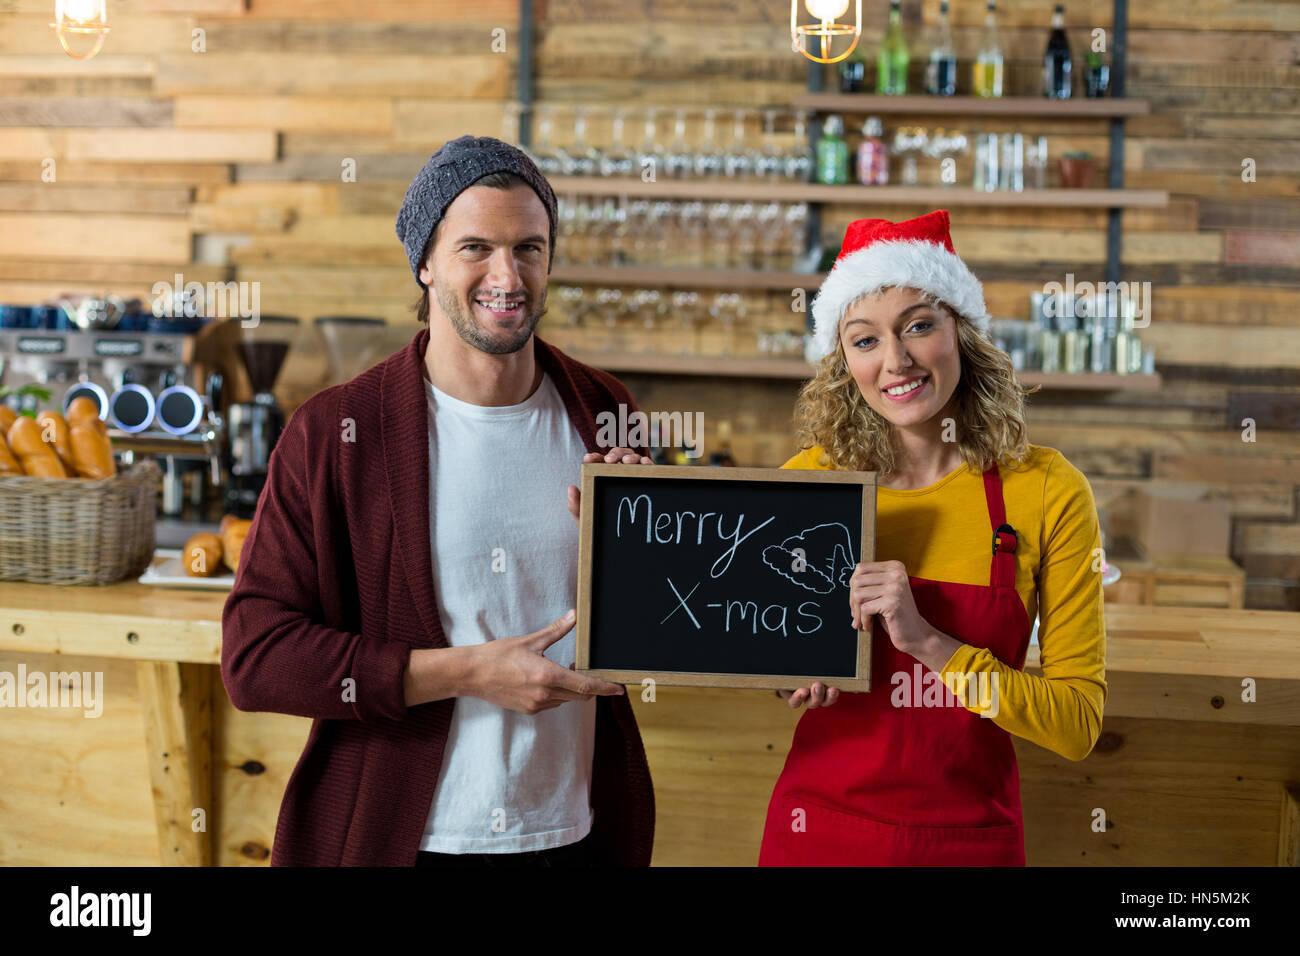 Porträt des Lächelns Kellnerin und Besitzer stehen mit merry X-Mas-Schild im café Stockbild